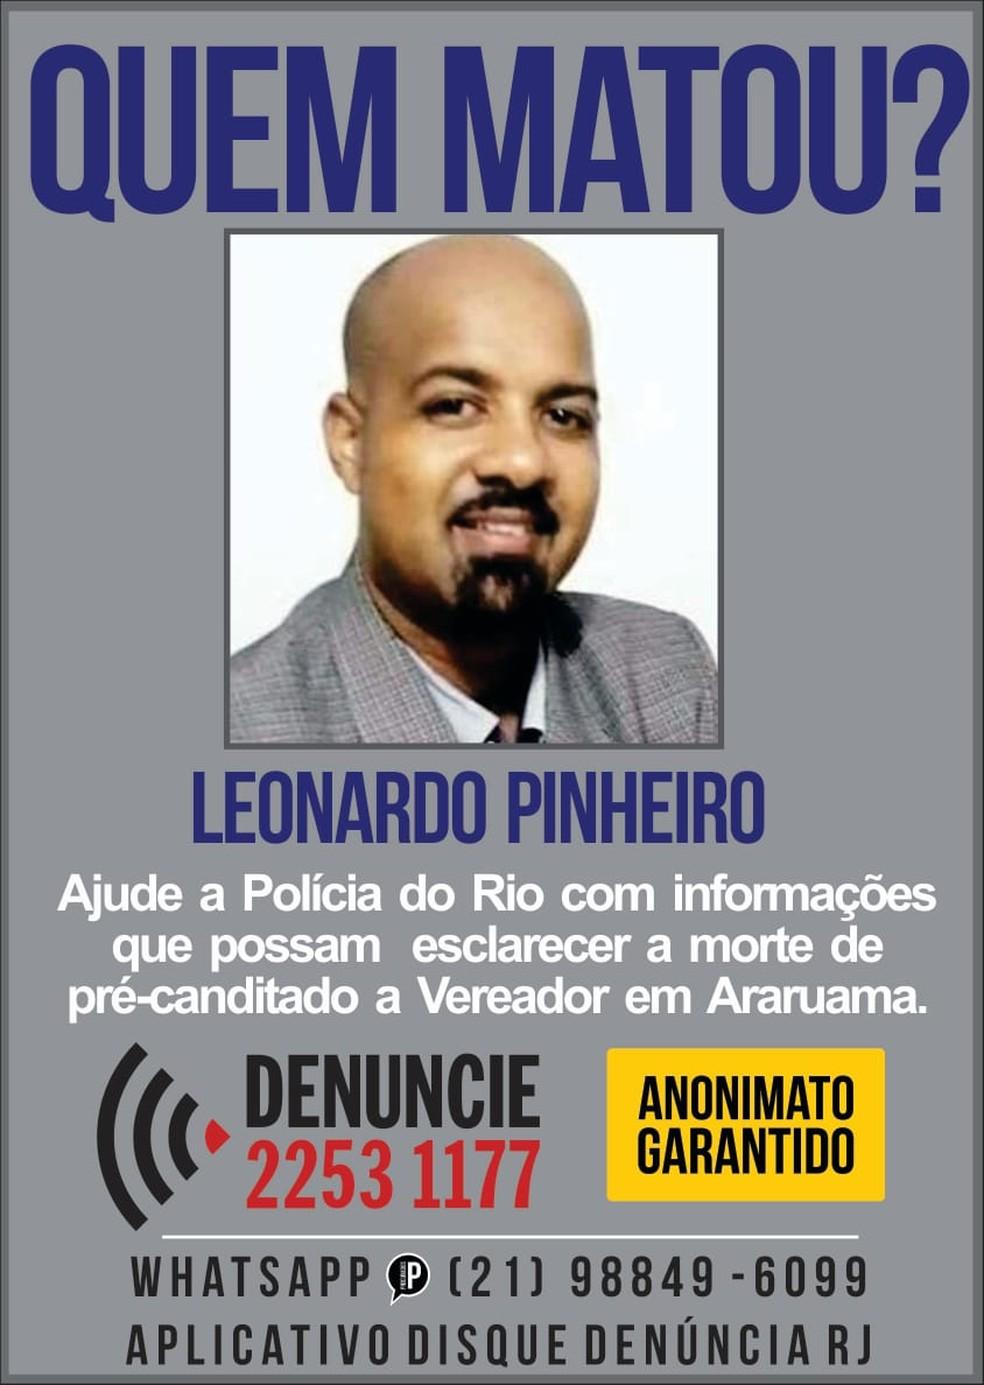 Disque Denúncia divulga cartaz para tentar identificar e prender autores do assassinato do jornalista e pré-candidato a vereador Leonardo Pinheiro em Araruama, no RJ — Foto: Divulgação/Disque Denúncia